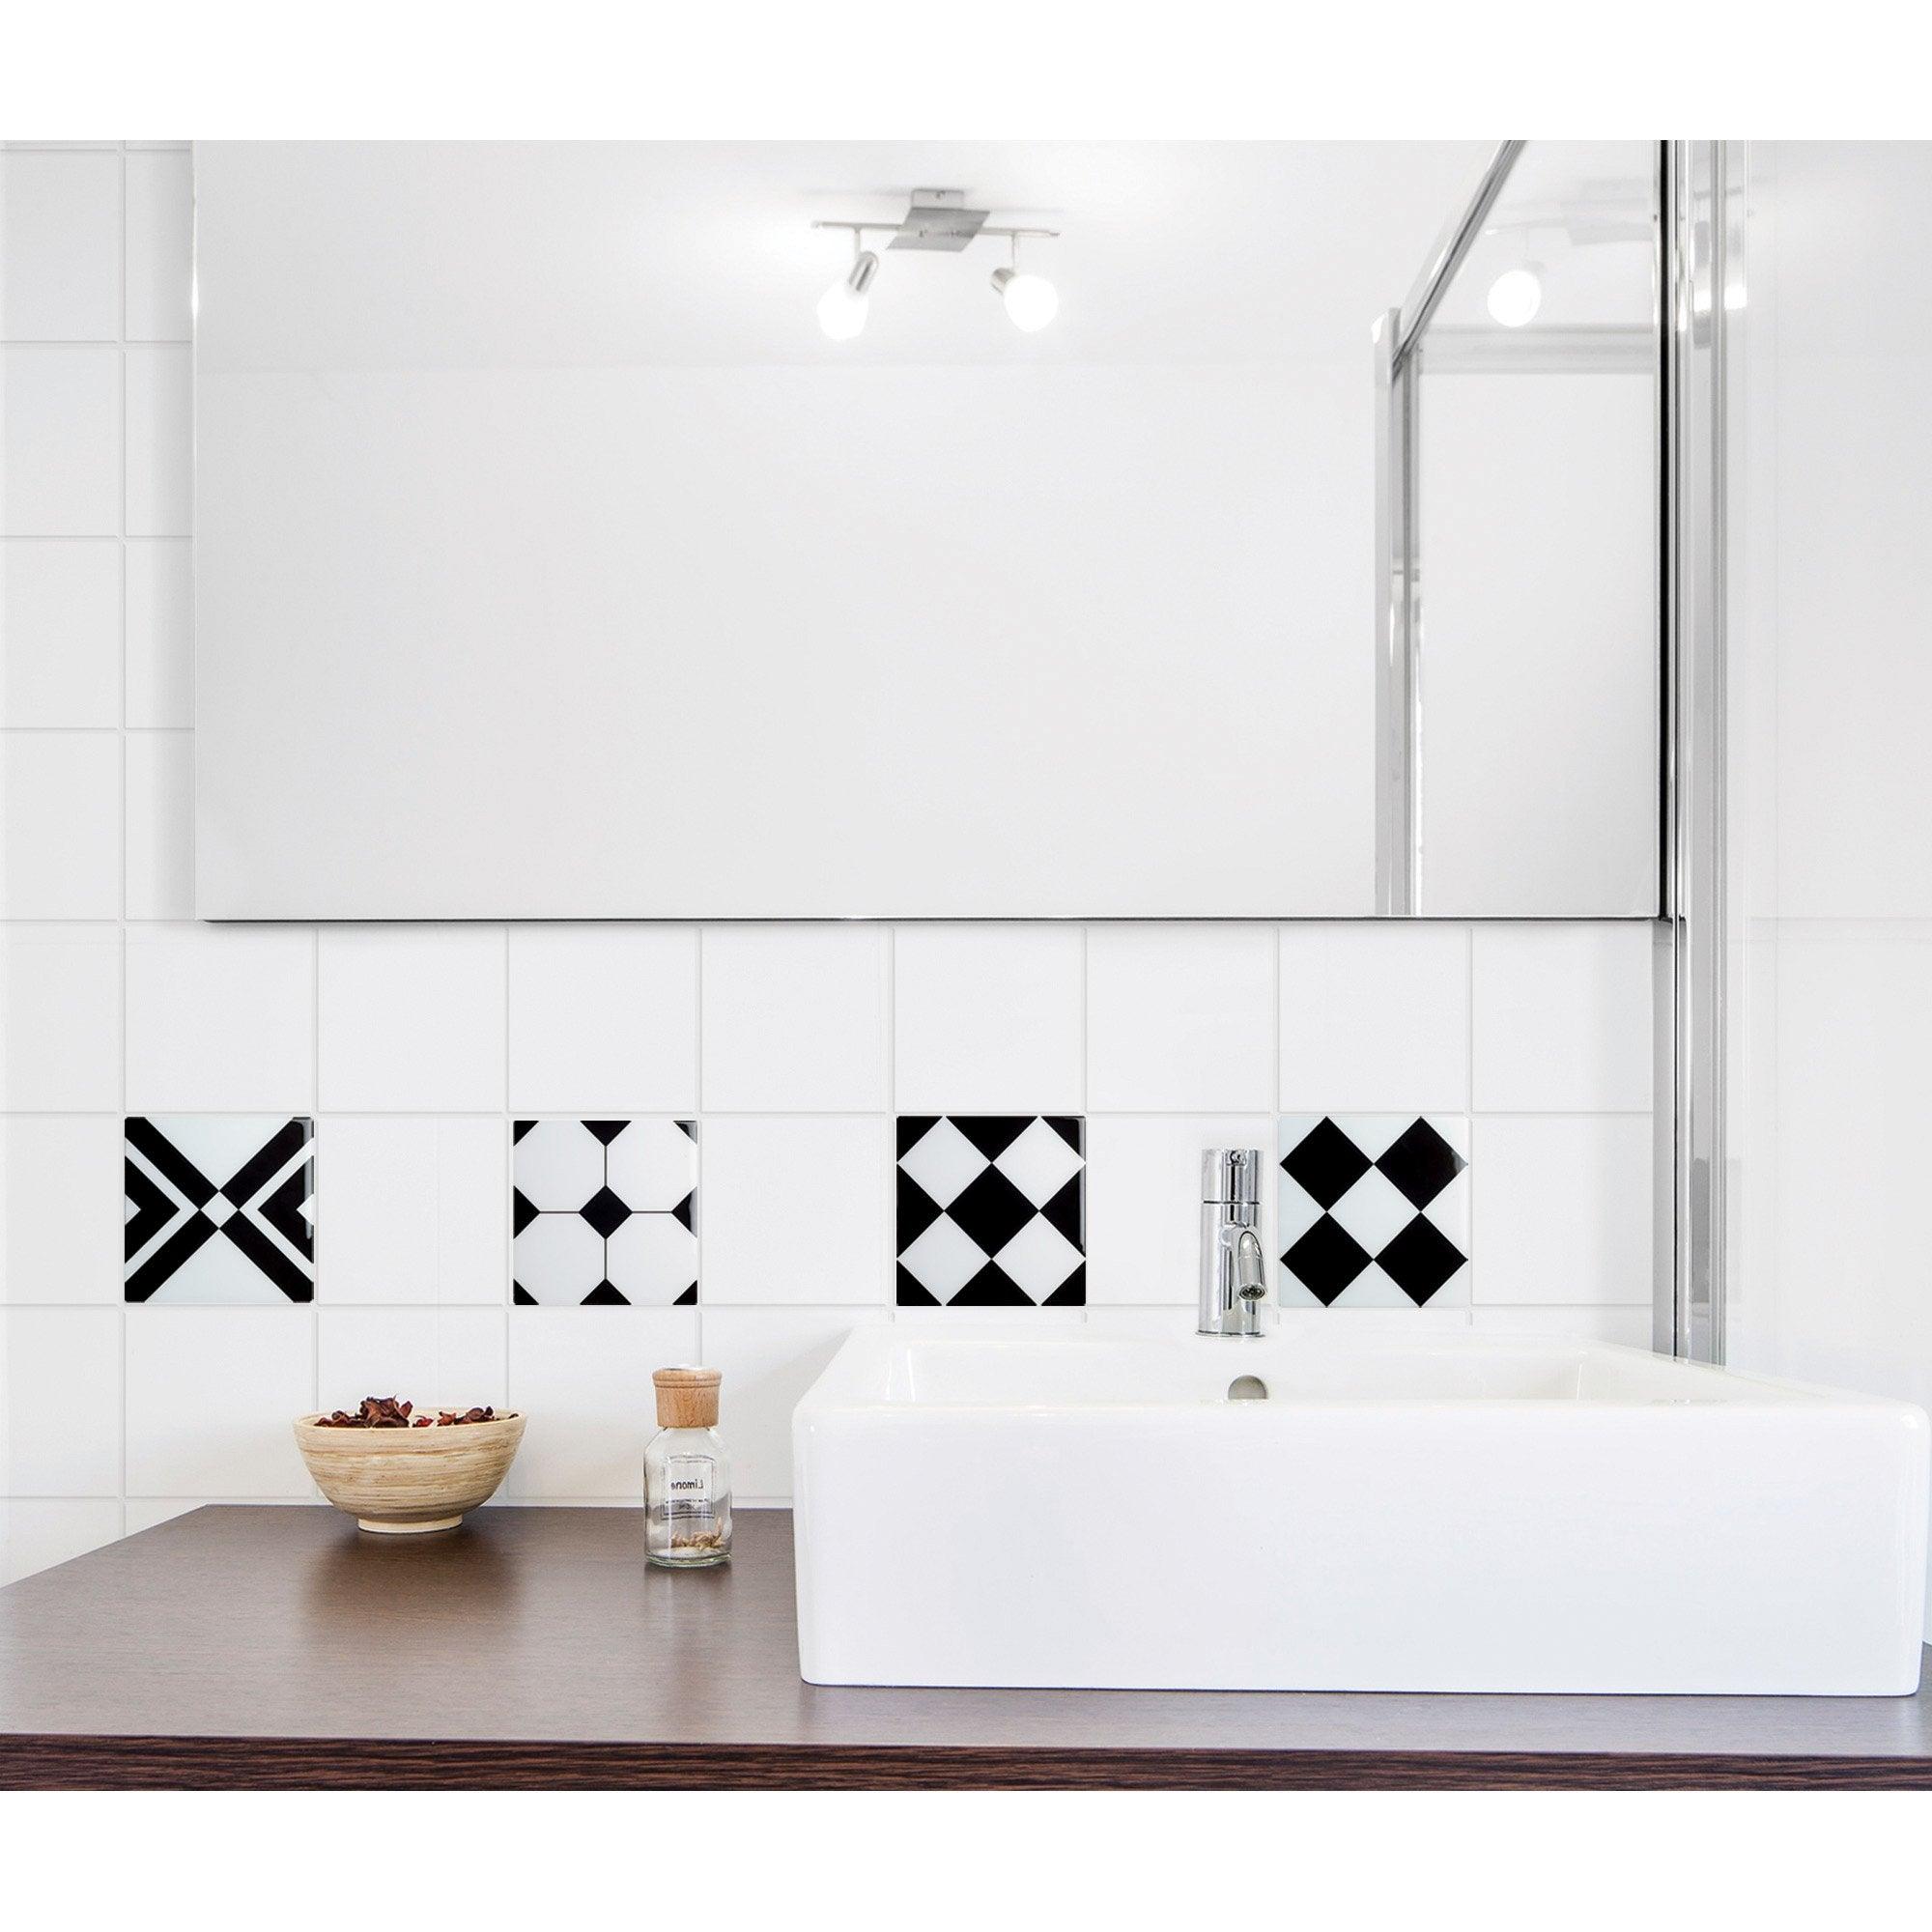 Stickers adhésifs Carrelage relief agliana, noir et blanc l.0.15 x L.0.15 m